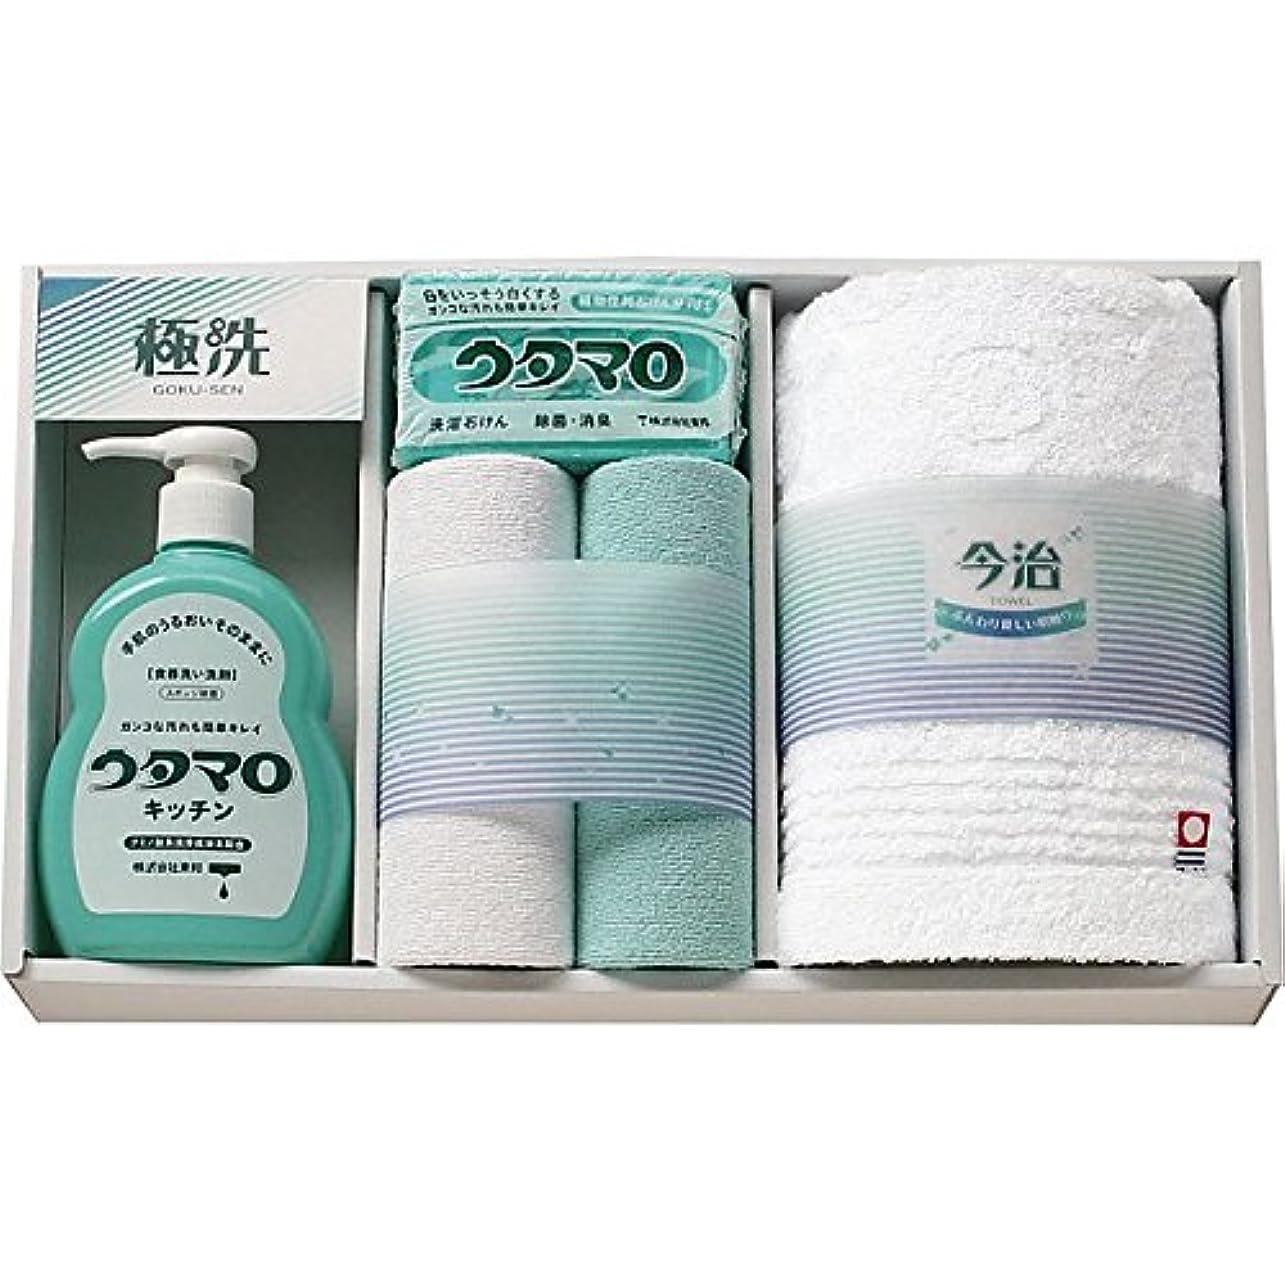 ワインネブ高める( ウタマロ ) 石鹸?キッチン洗剤ギフト ( 835-1055r )